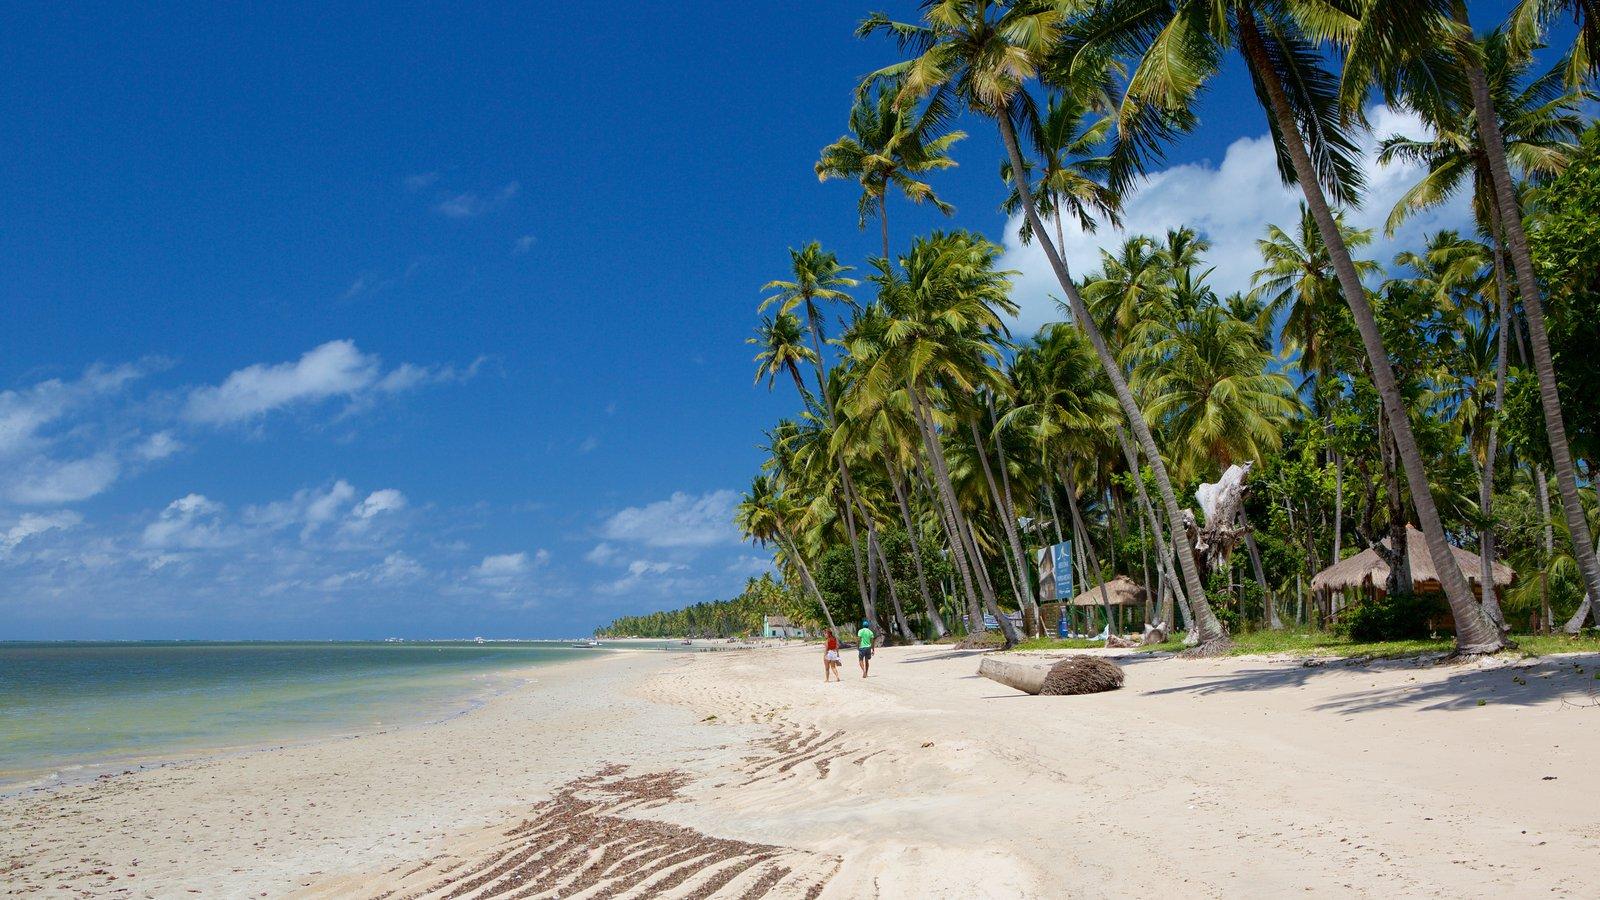 Tamandaré caracterizando paisagens litorâneas, uma praia e cenas tropicais